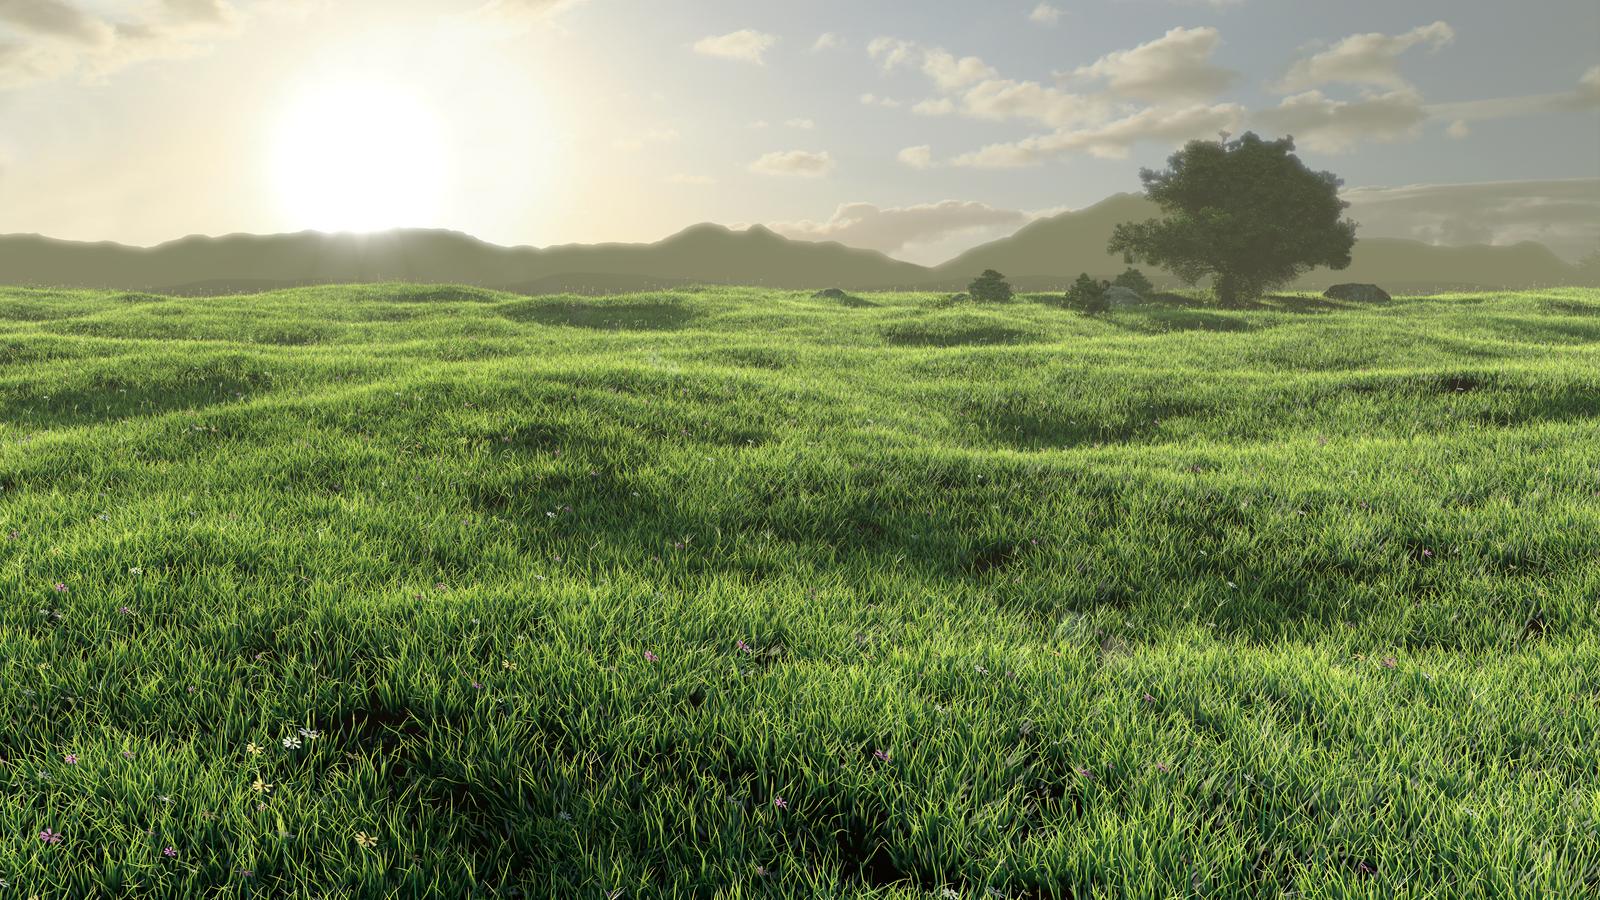 Grass Field by S0u1Seeker on DeviantArt